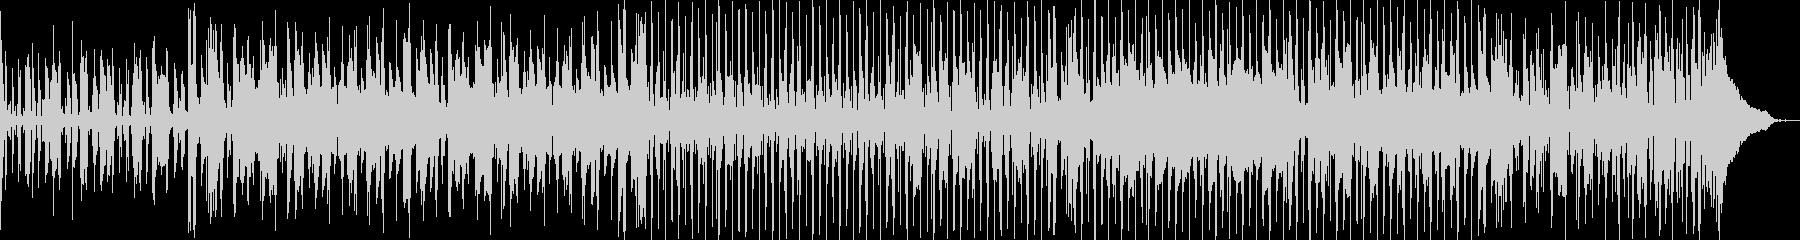 ベース、リードギター、エレクトリッ...の未再生の波形